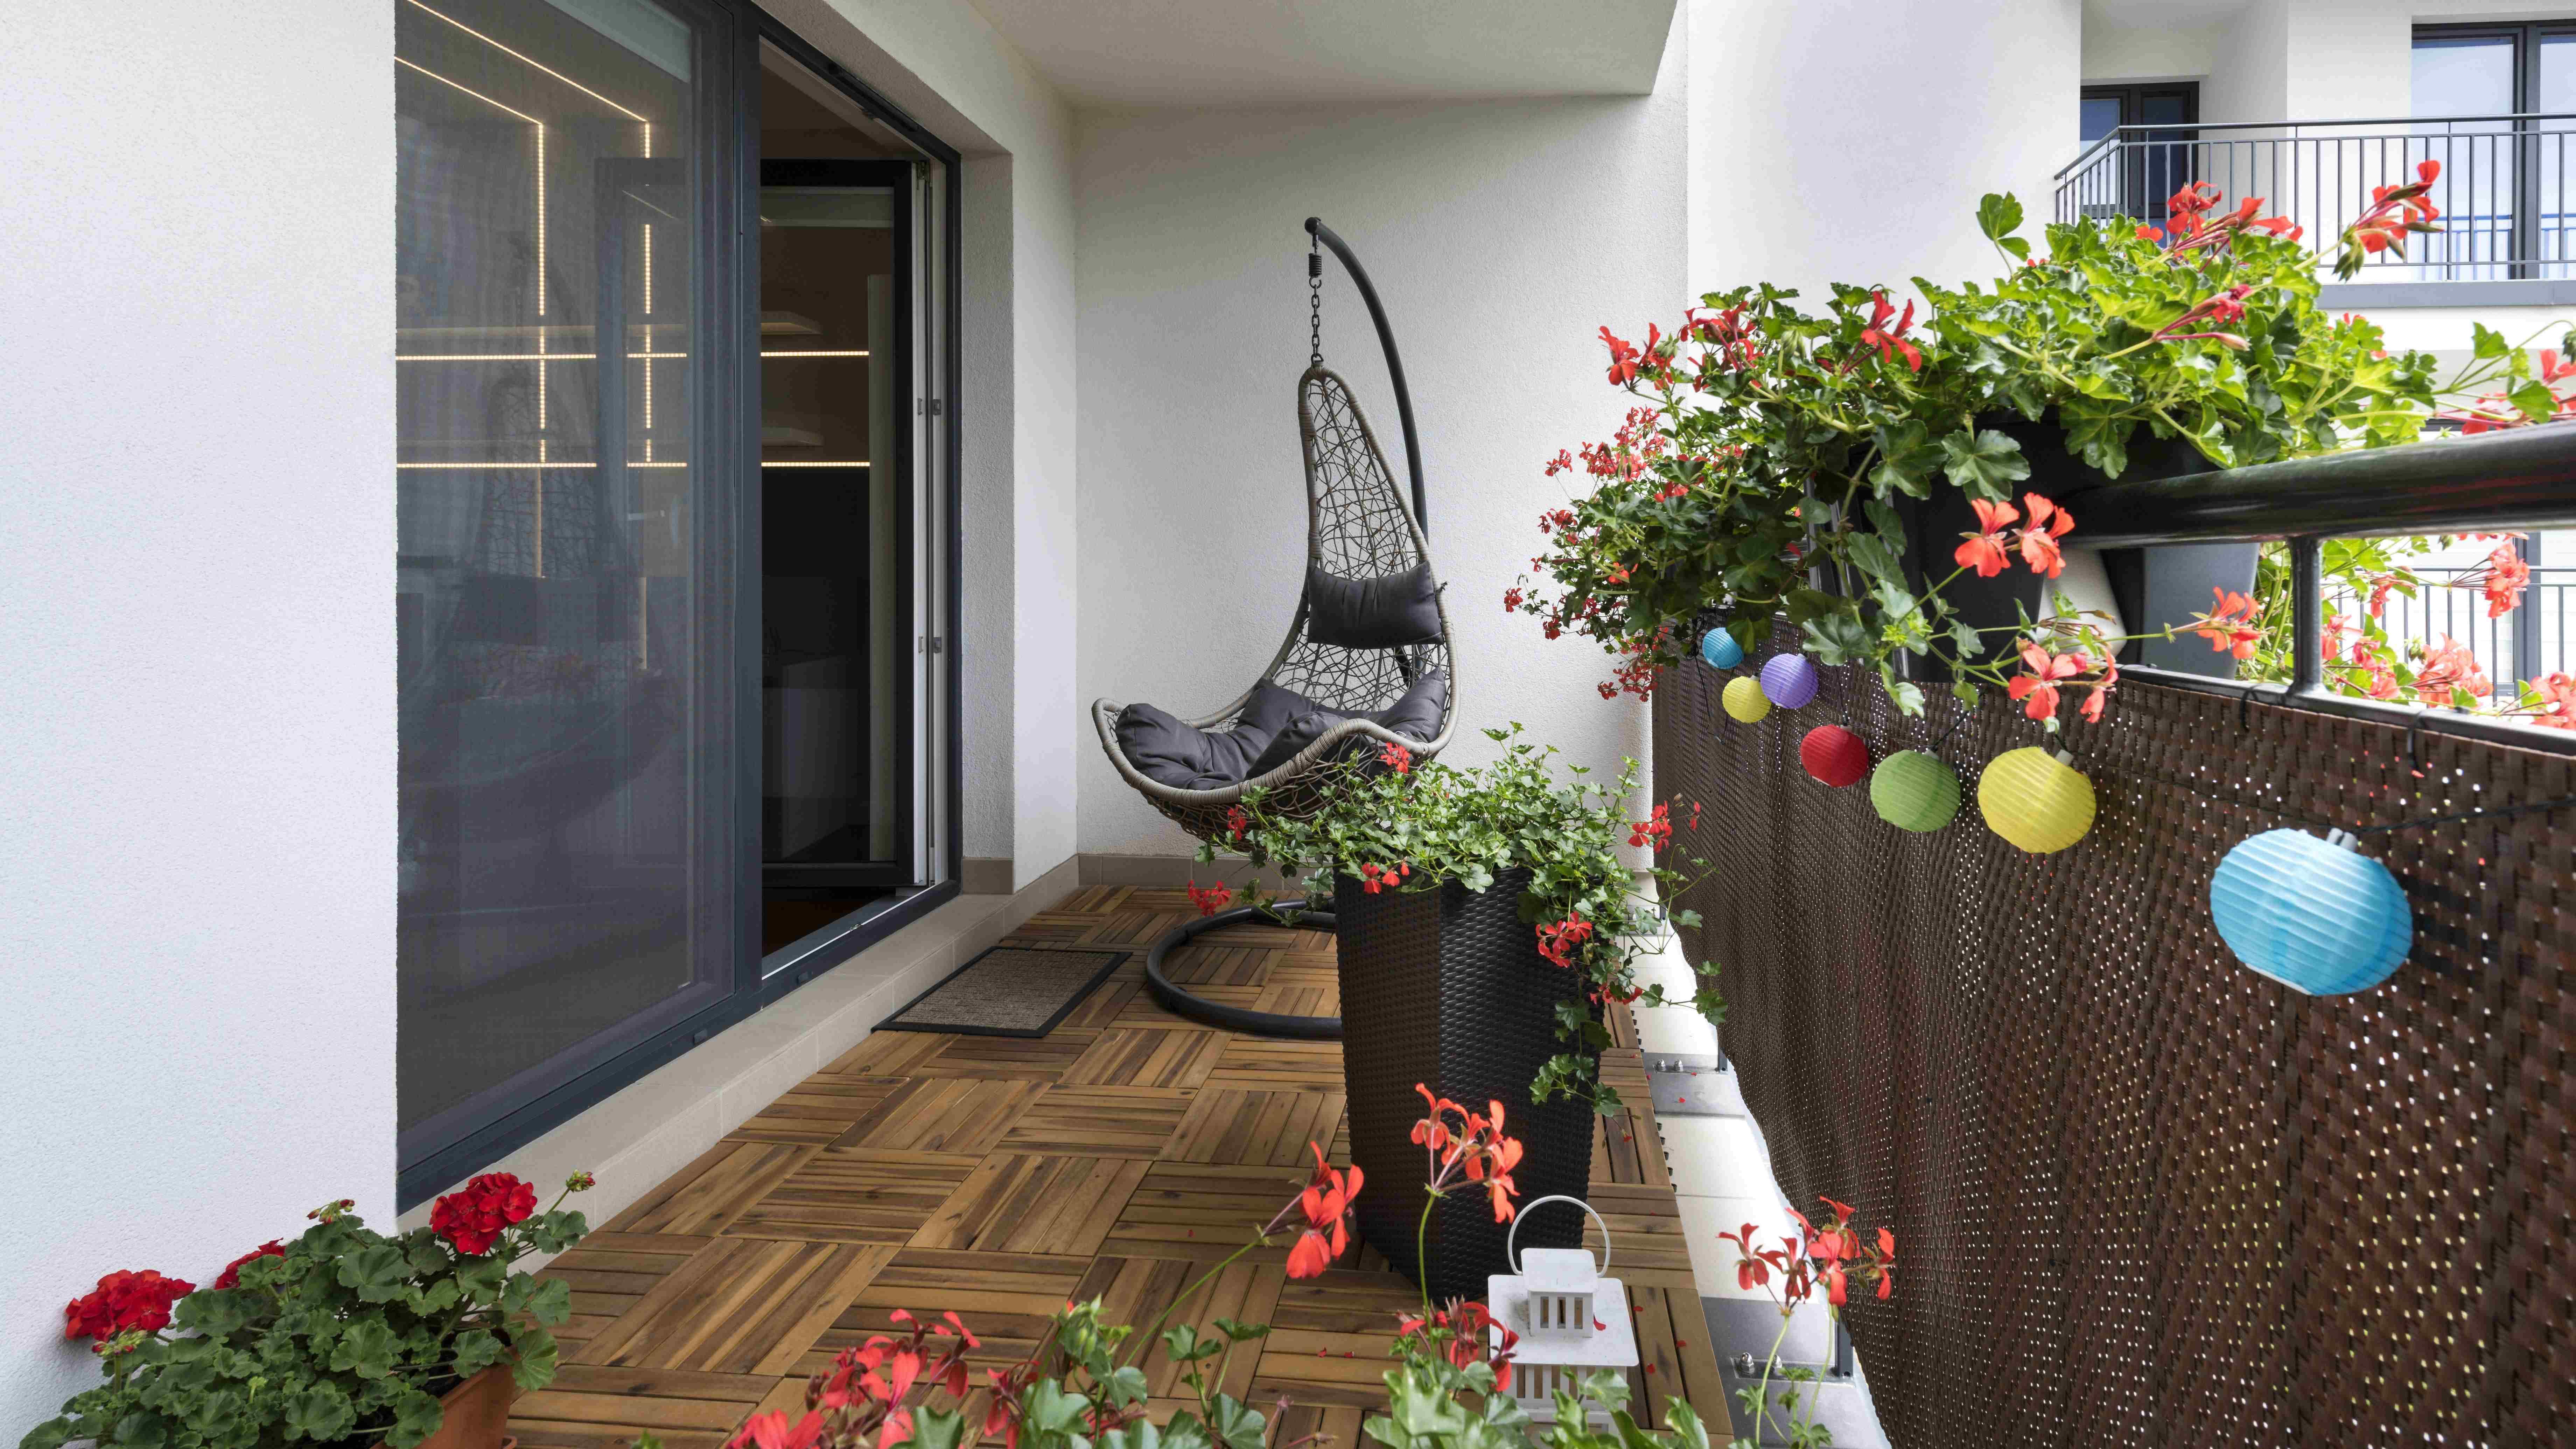 Einen Balkon gestalten: So geht's